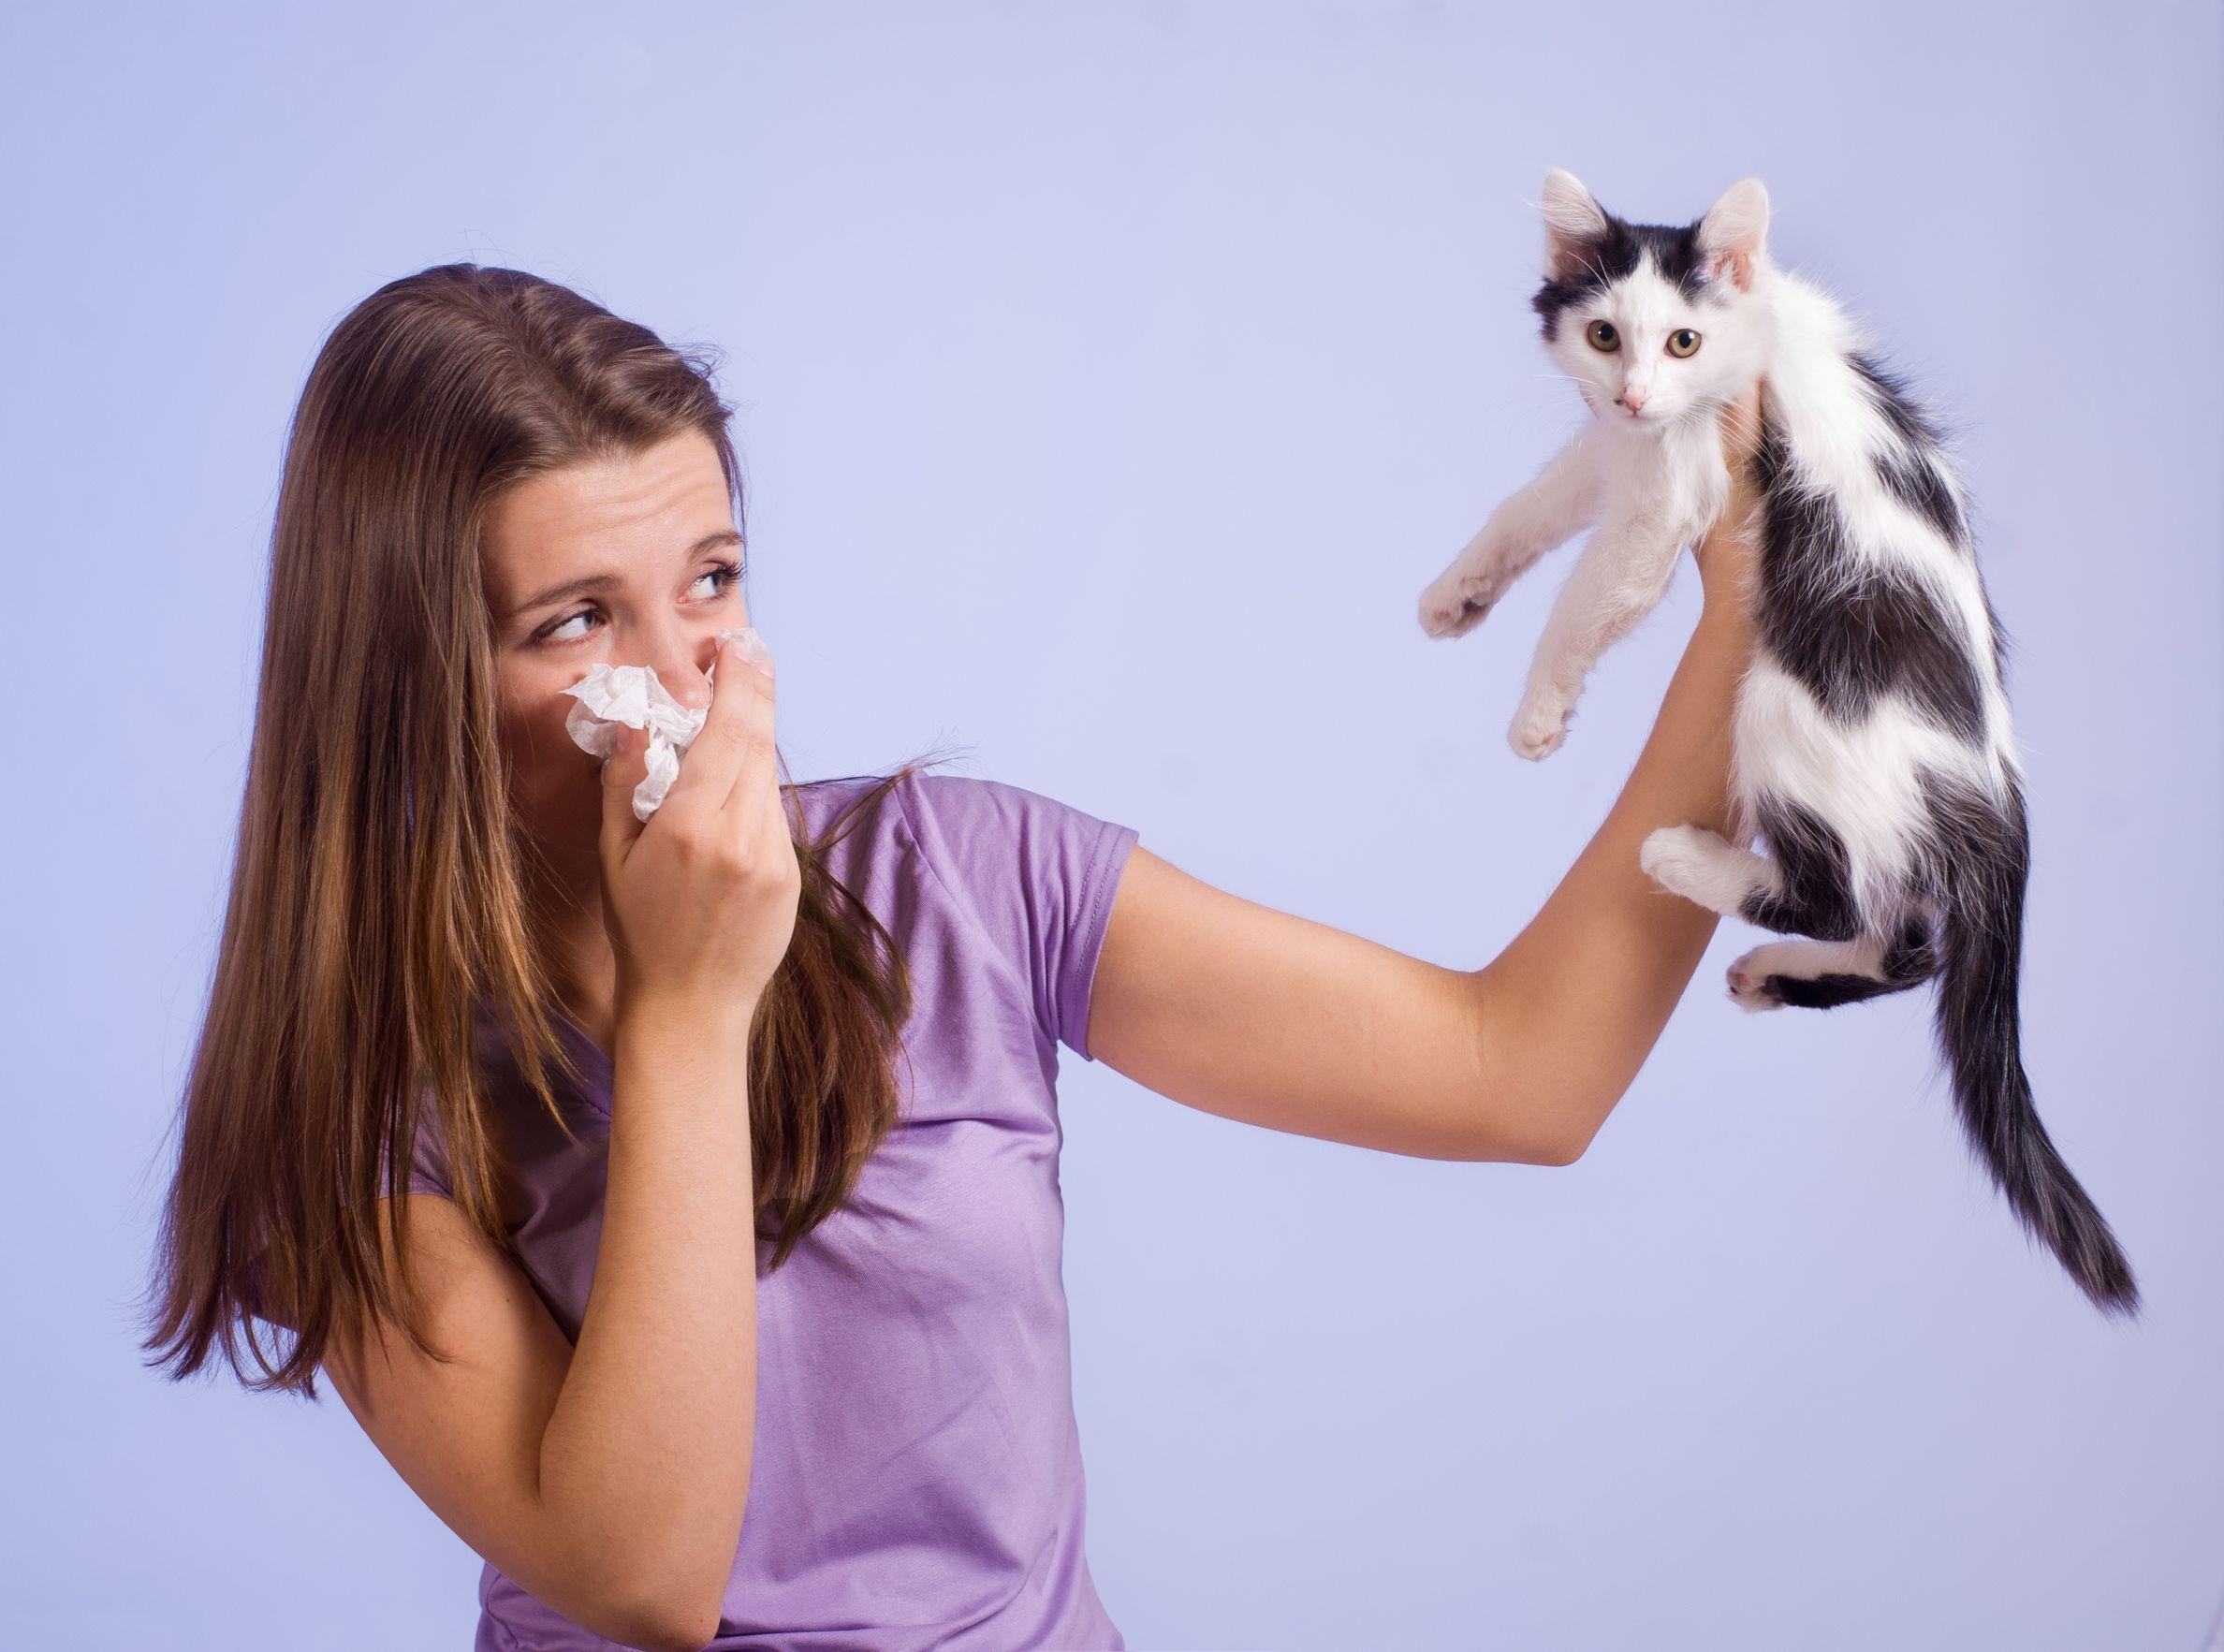 Если у мамы аллергия, то высока вероятность, что она будет у грудничка